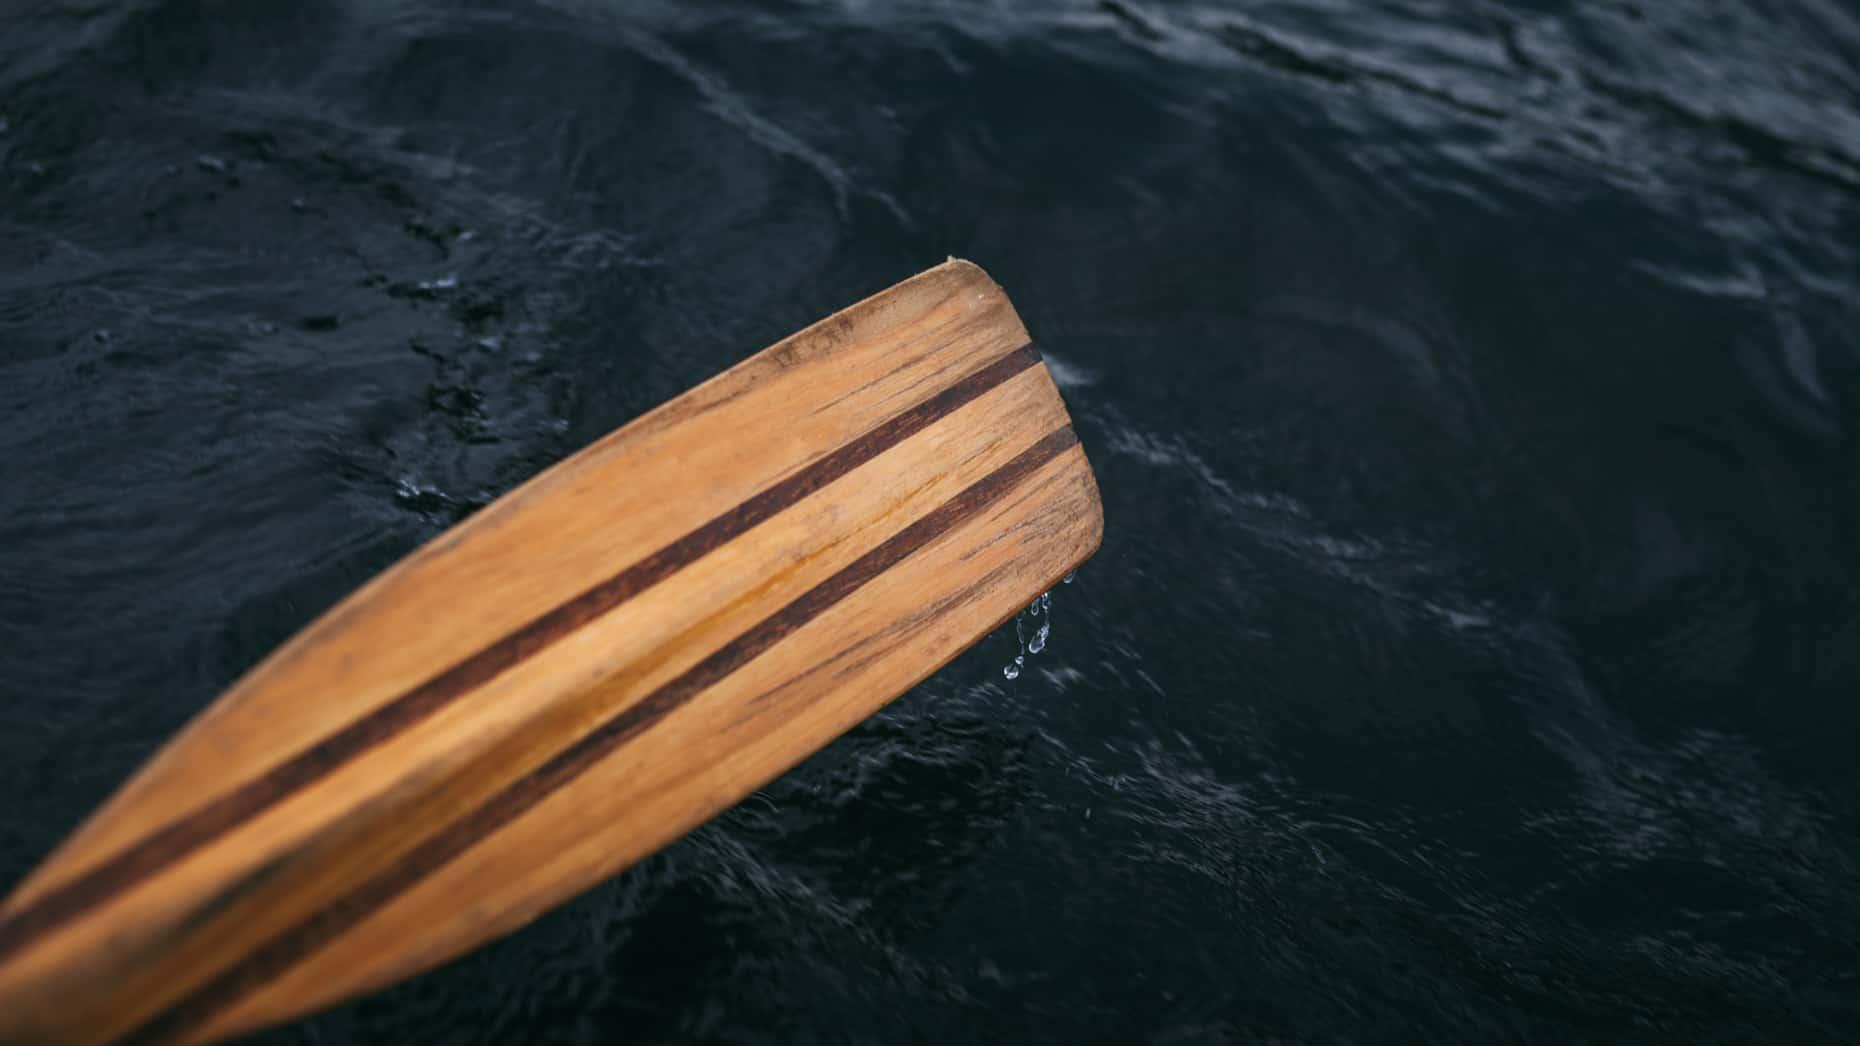 Oar paddling in the water